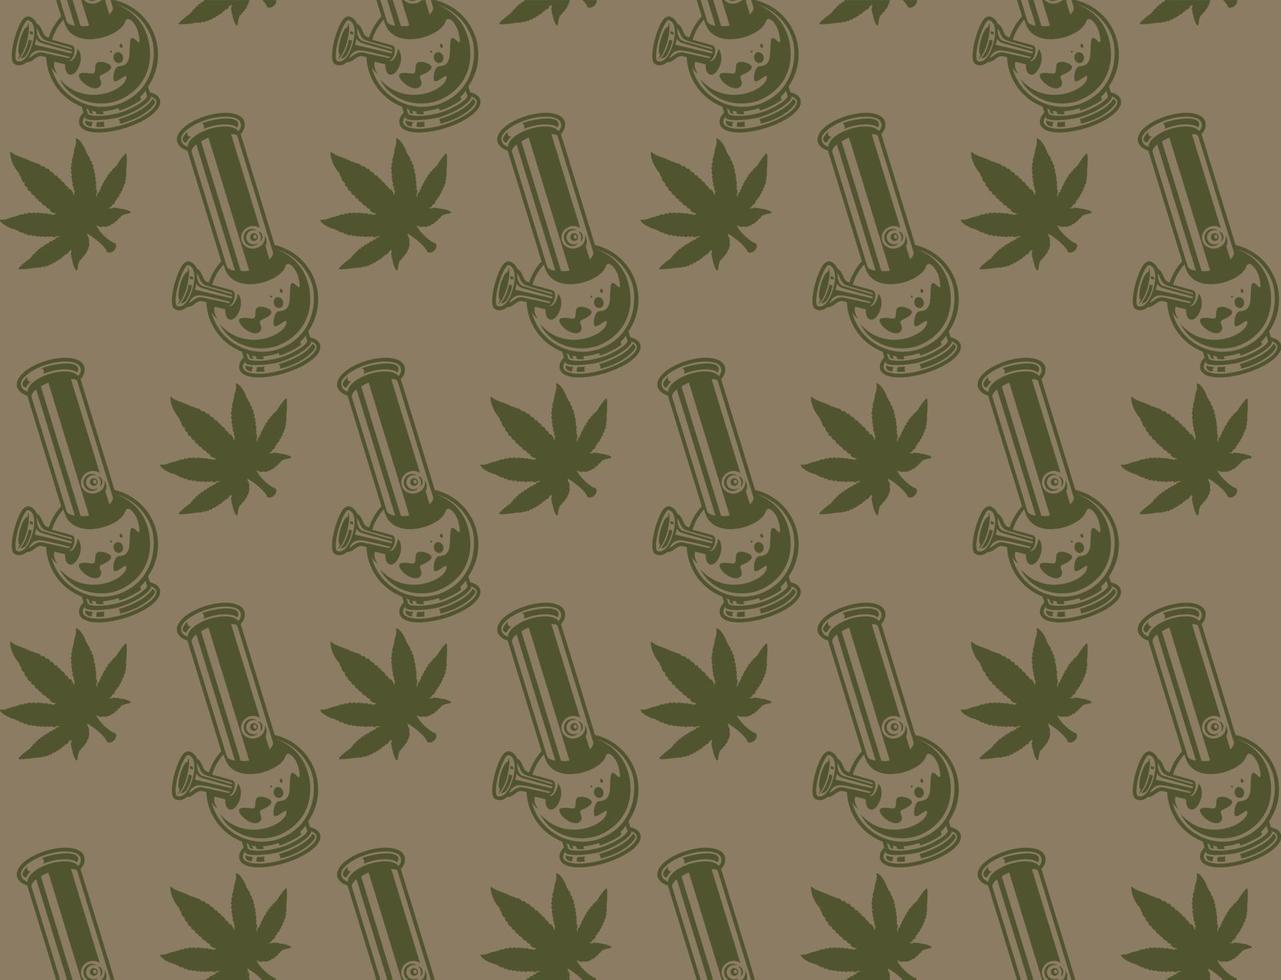 Vintage nahtloses Muster mit einem Cannabisblatt vektor